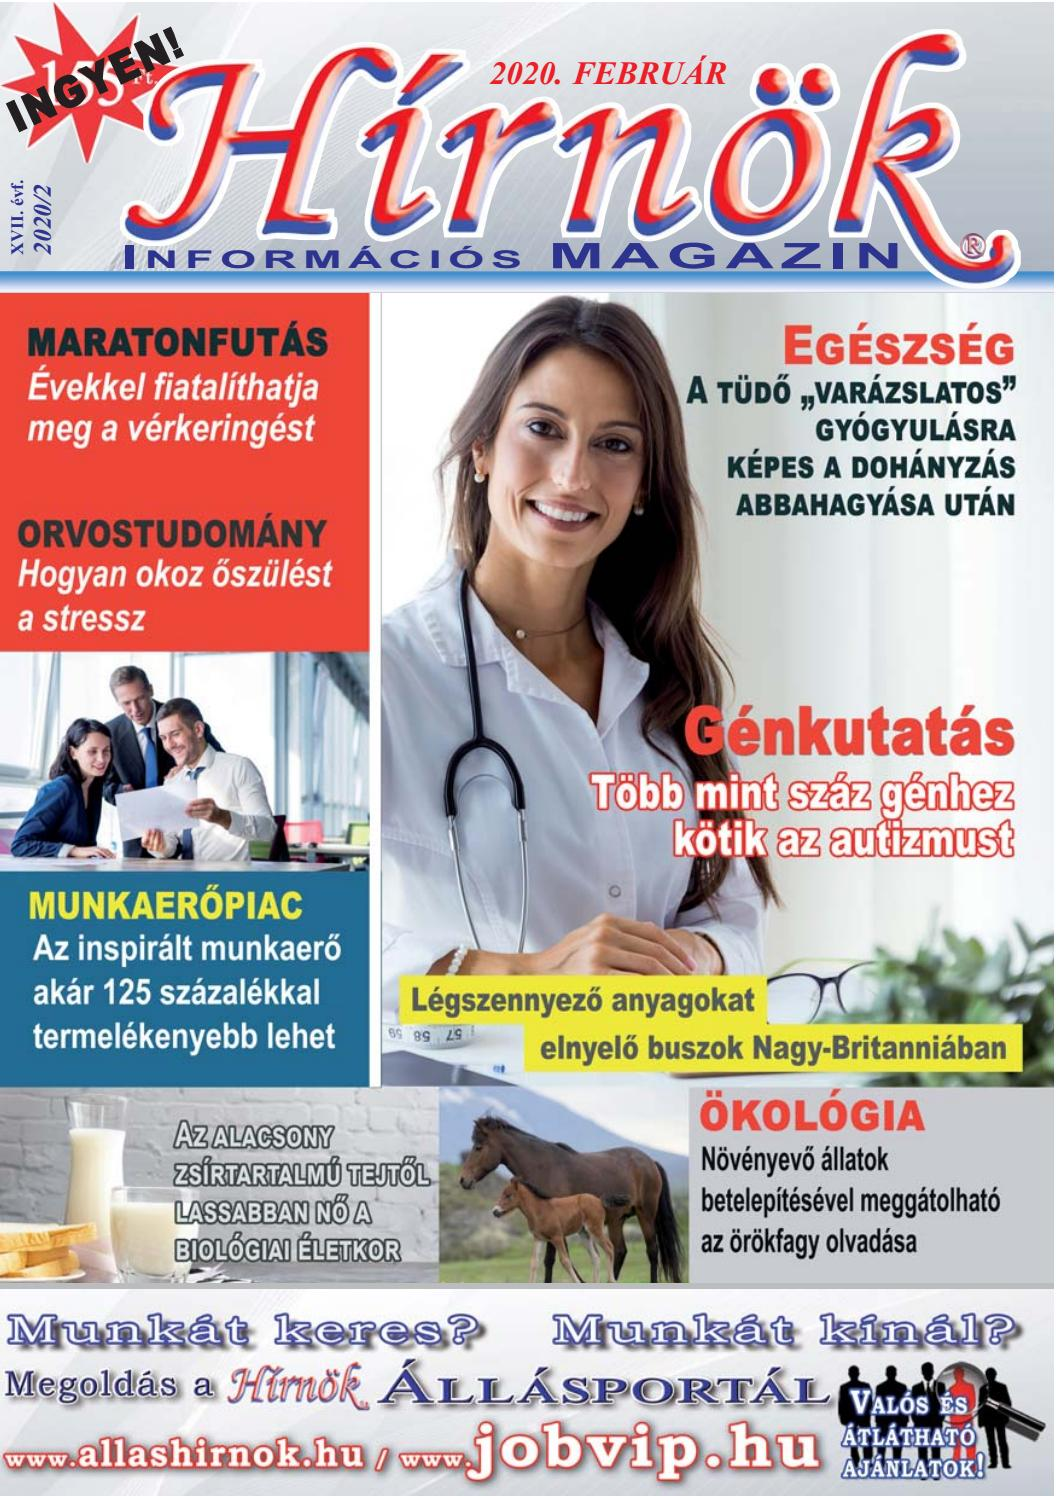 az ujjízület betegsége legjobb artrózis orvosok